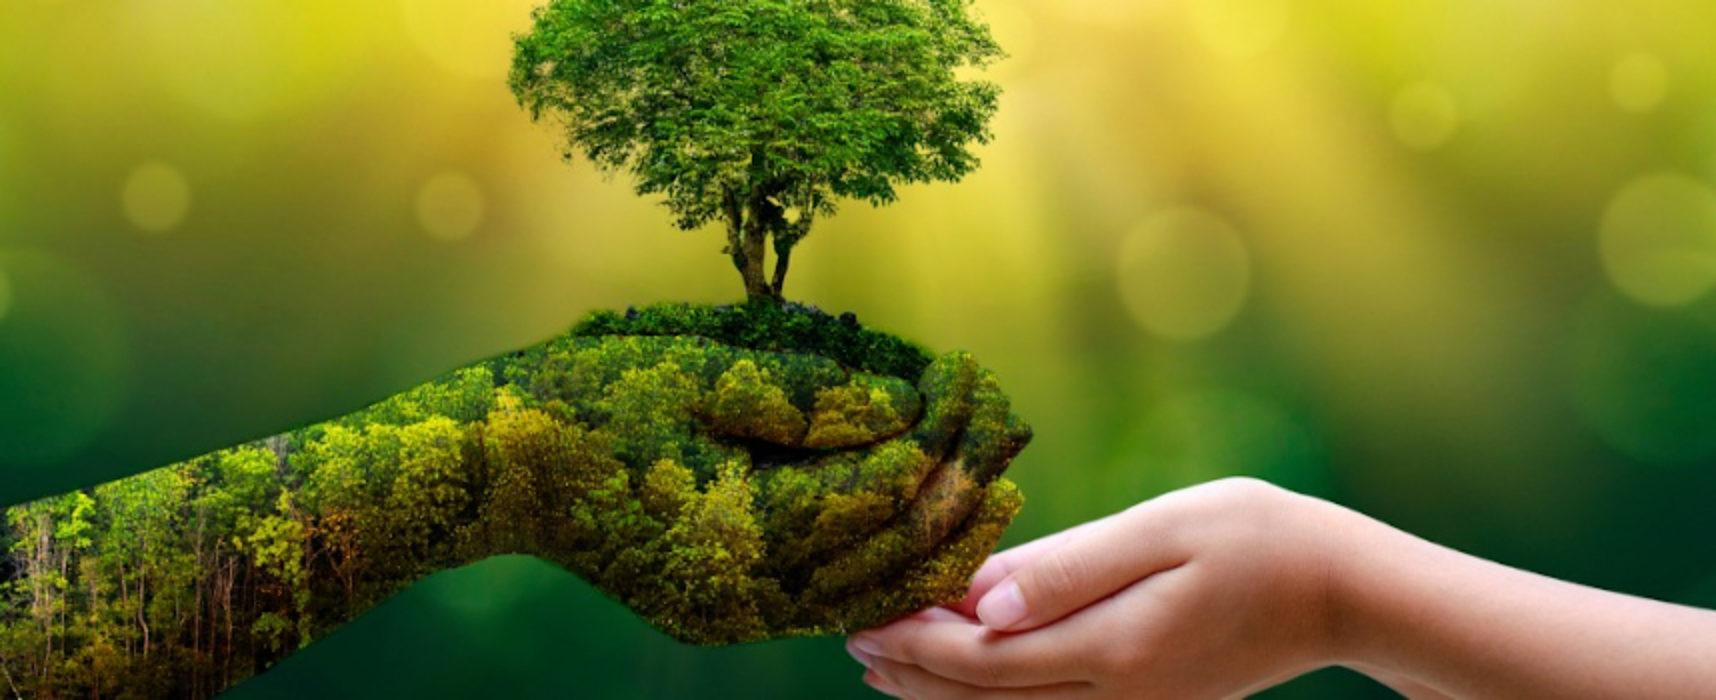 """Associazione 21, ultimo incontro """"Common Ground"""": riflessione sull'ambiente"""